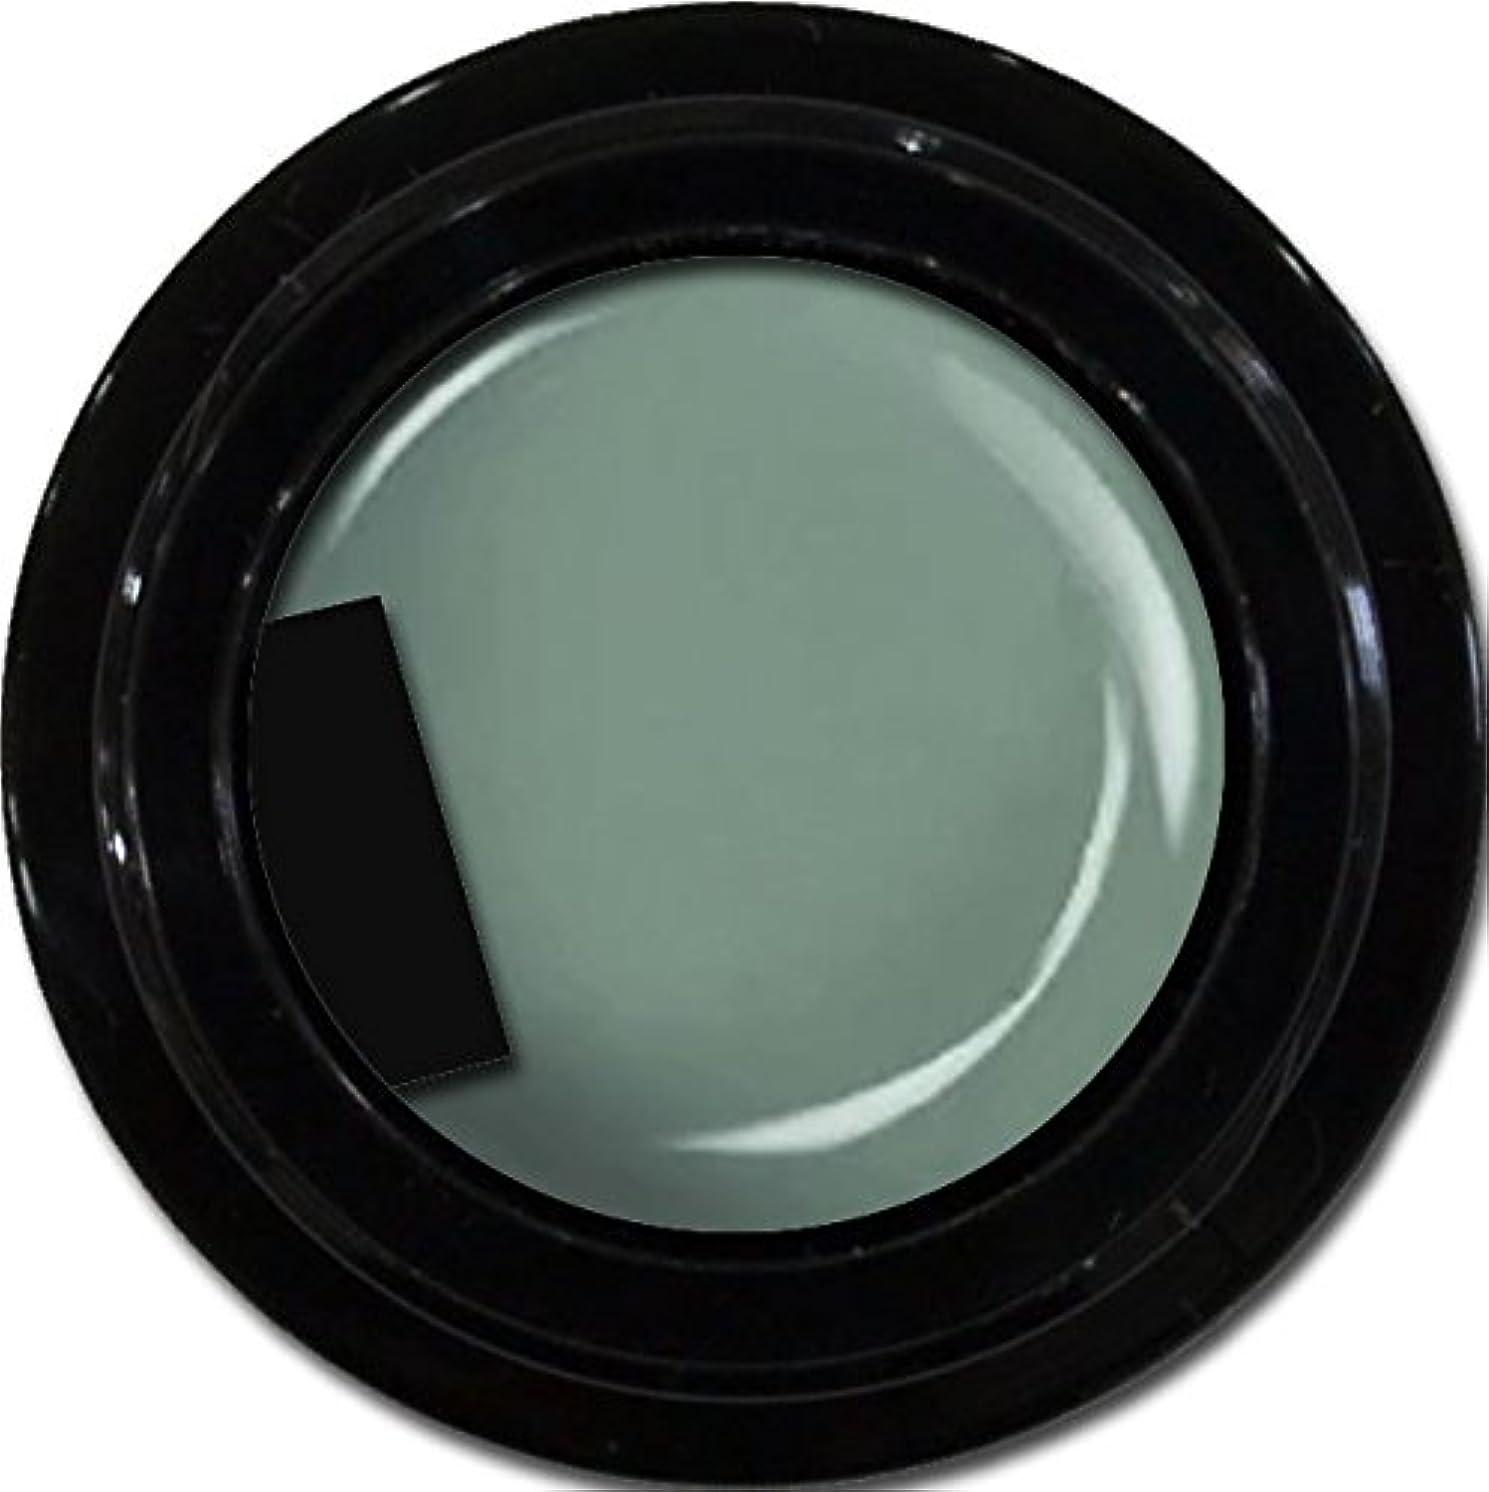 戦い冷酷な縮約カラージェル enchant color gel M716 Khaki 3g/ マットカラージェル M716 カーキー 3グラム